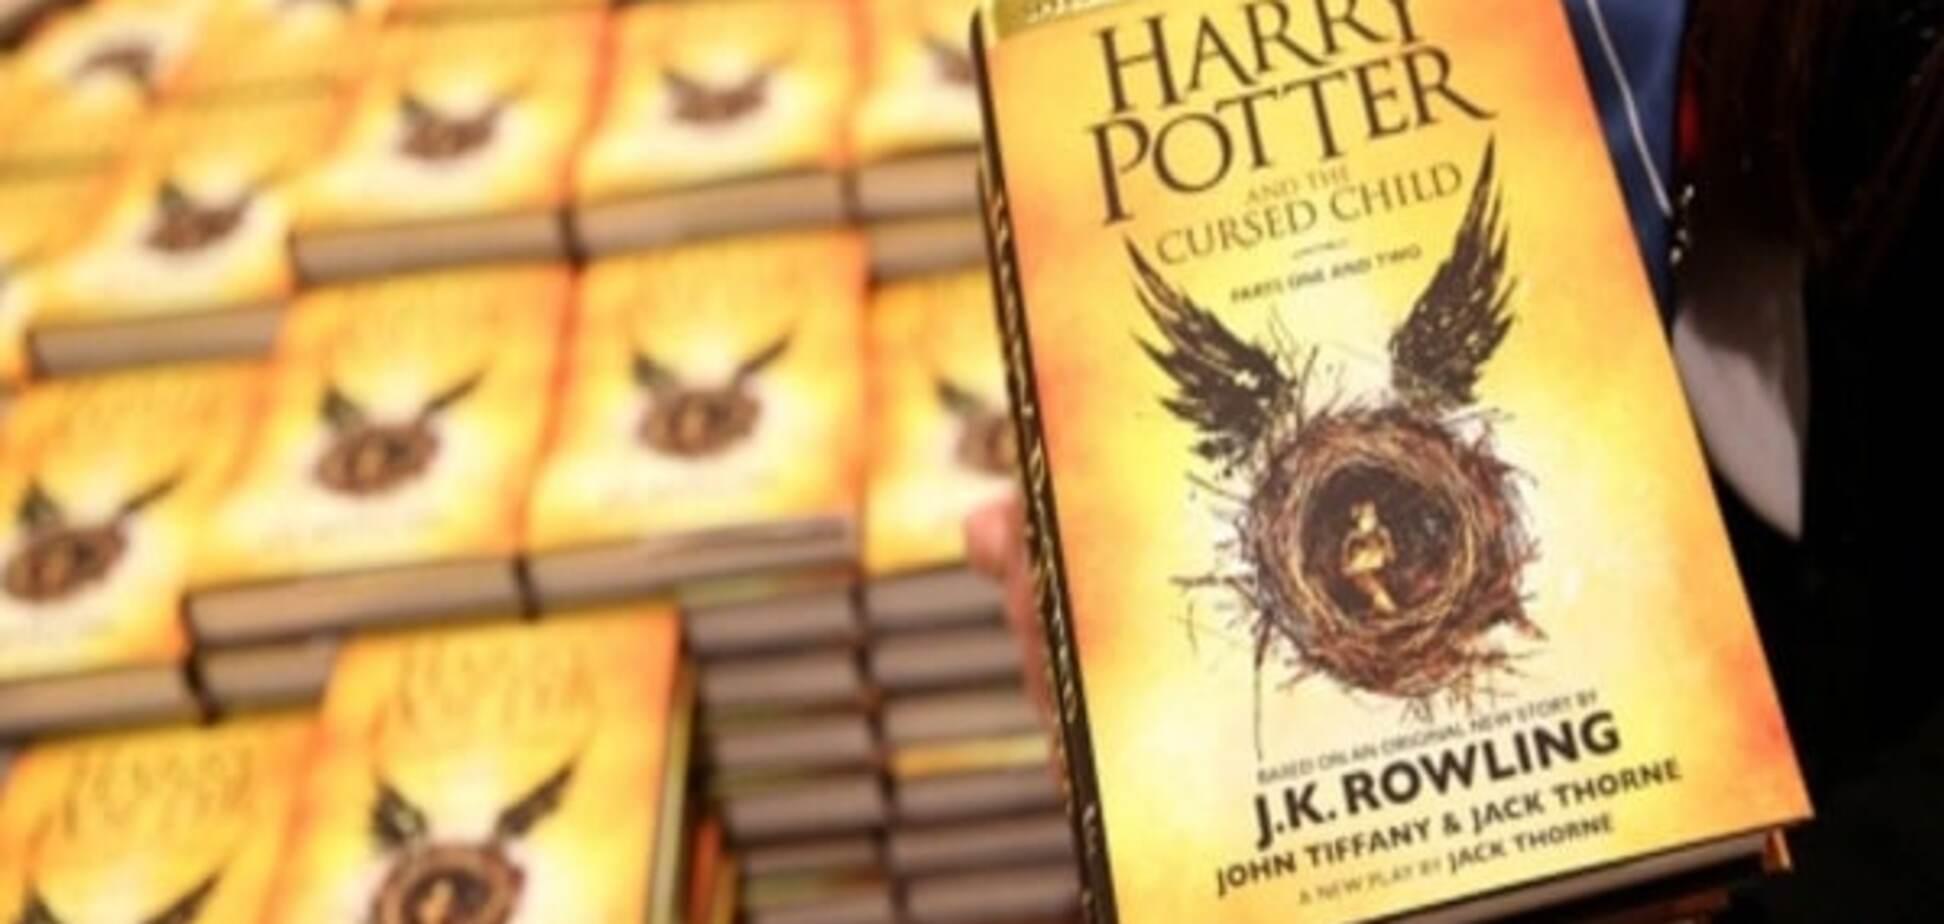 Нова книга про Гаррі Поттера